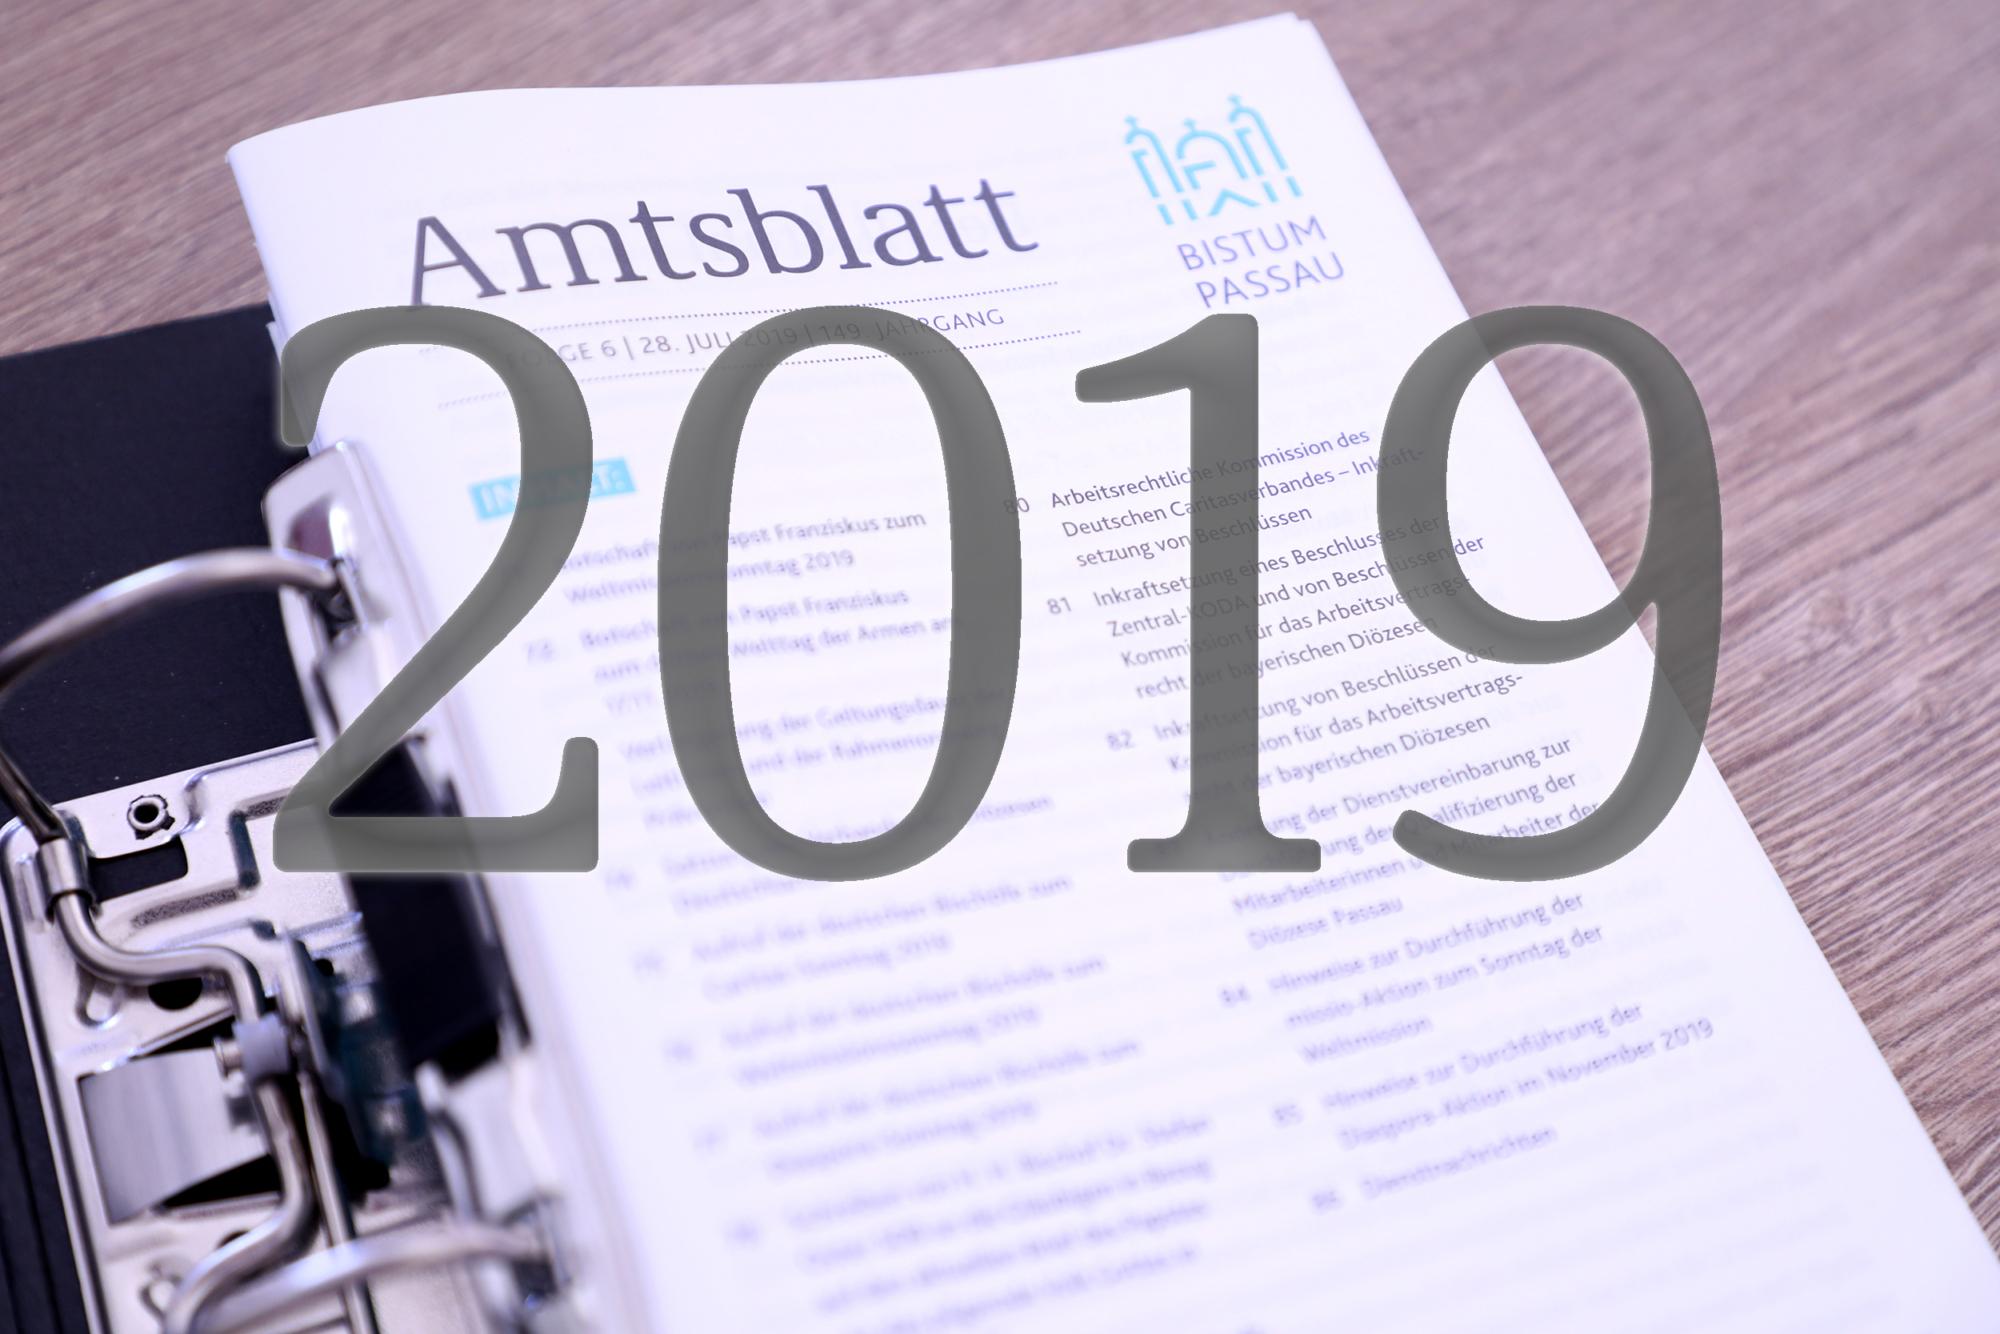 Amtsblatt2019